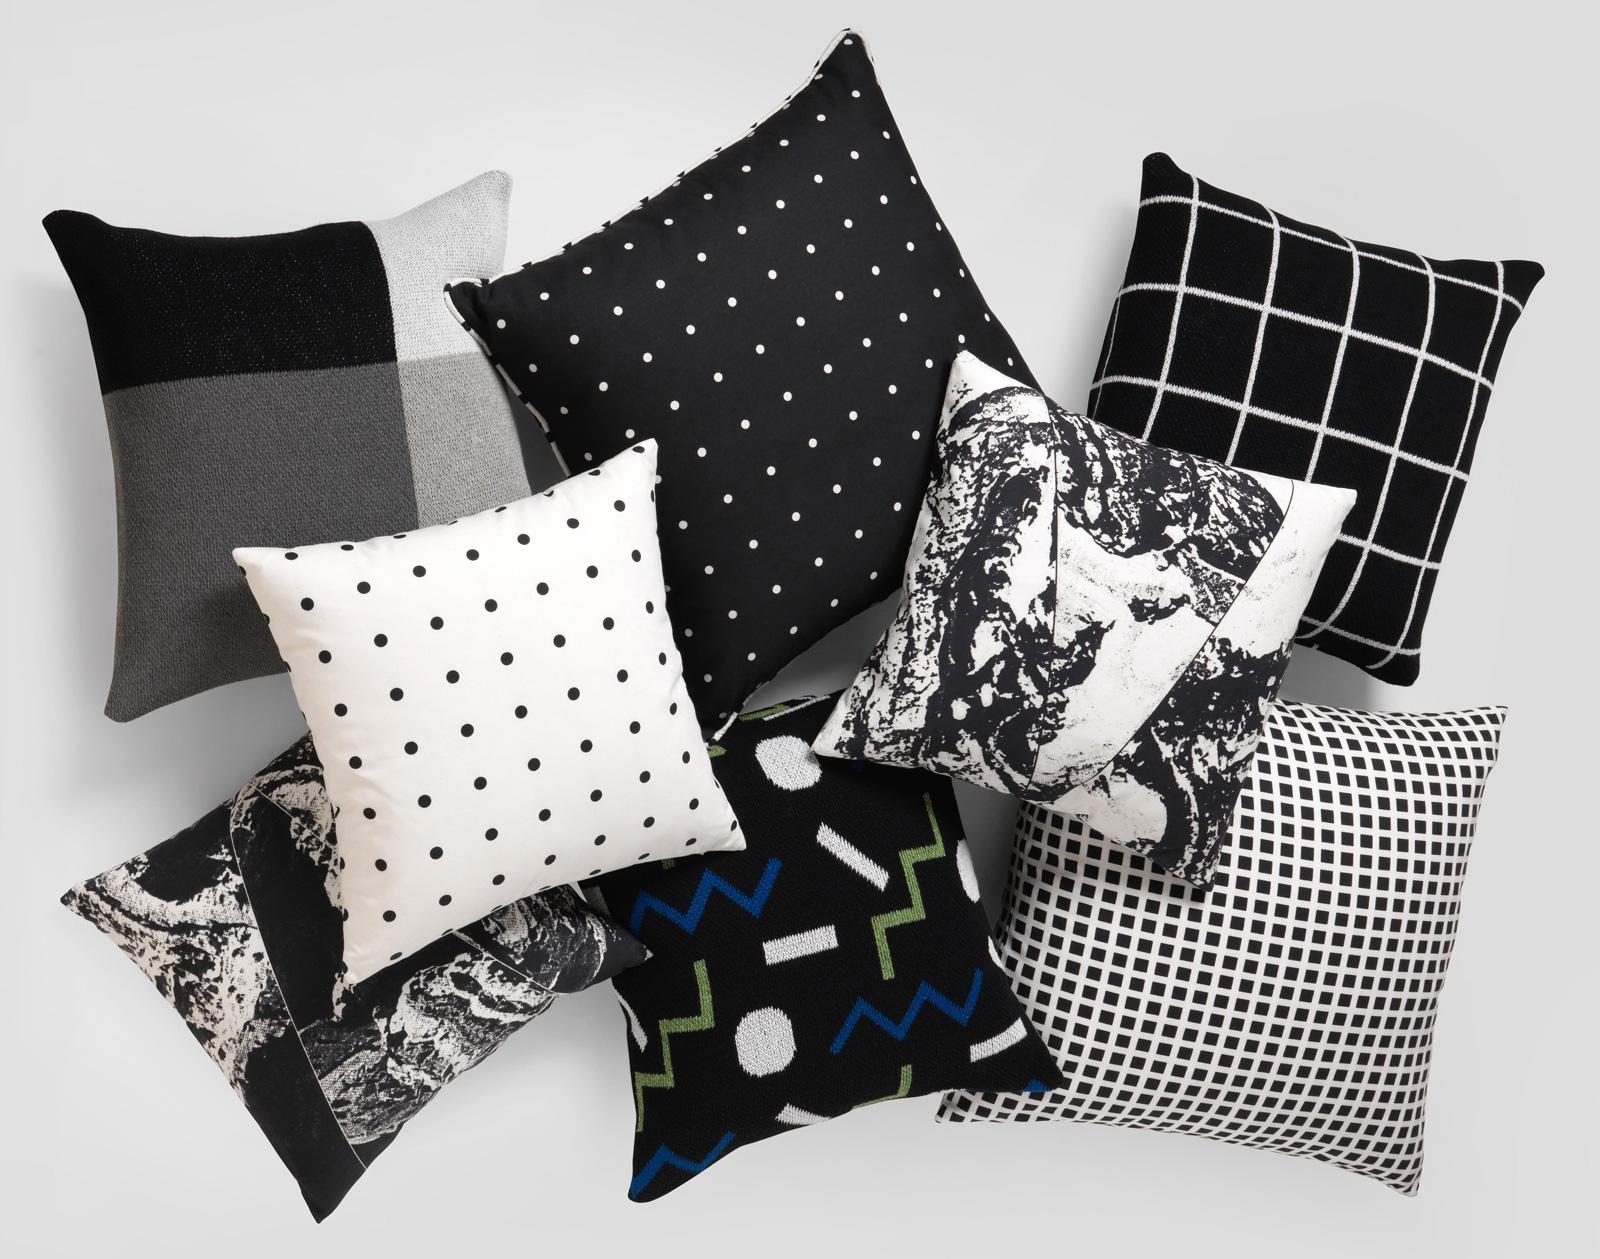 pillows_overhead_reszd.jpg